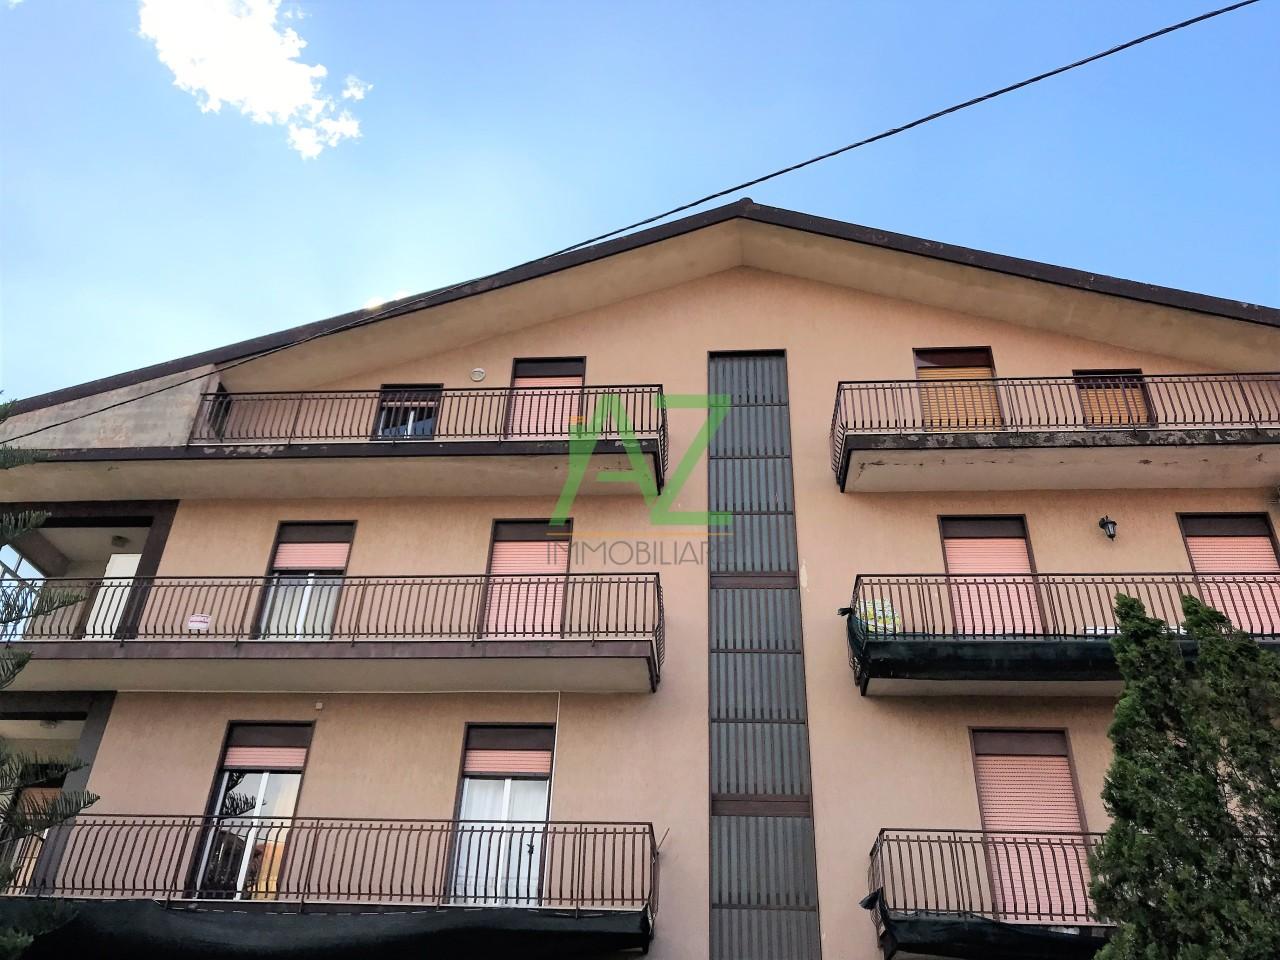 Appartamento - Mansarda a Circonvallazione, Belpasso